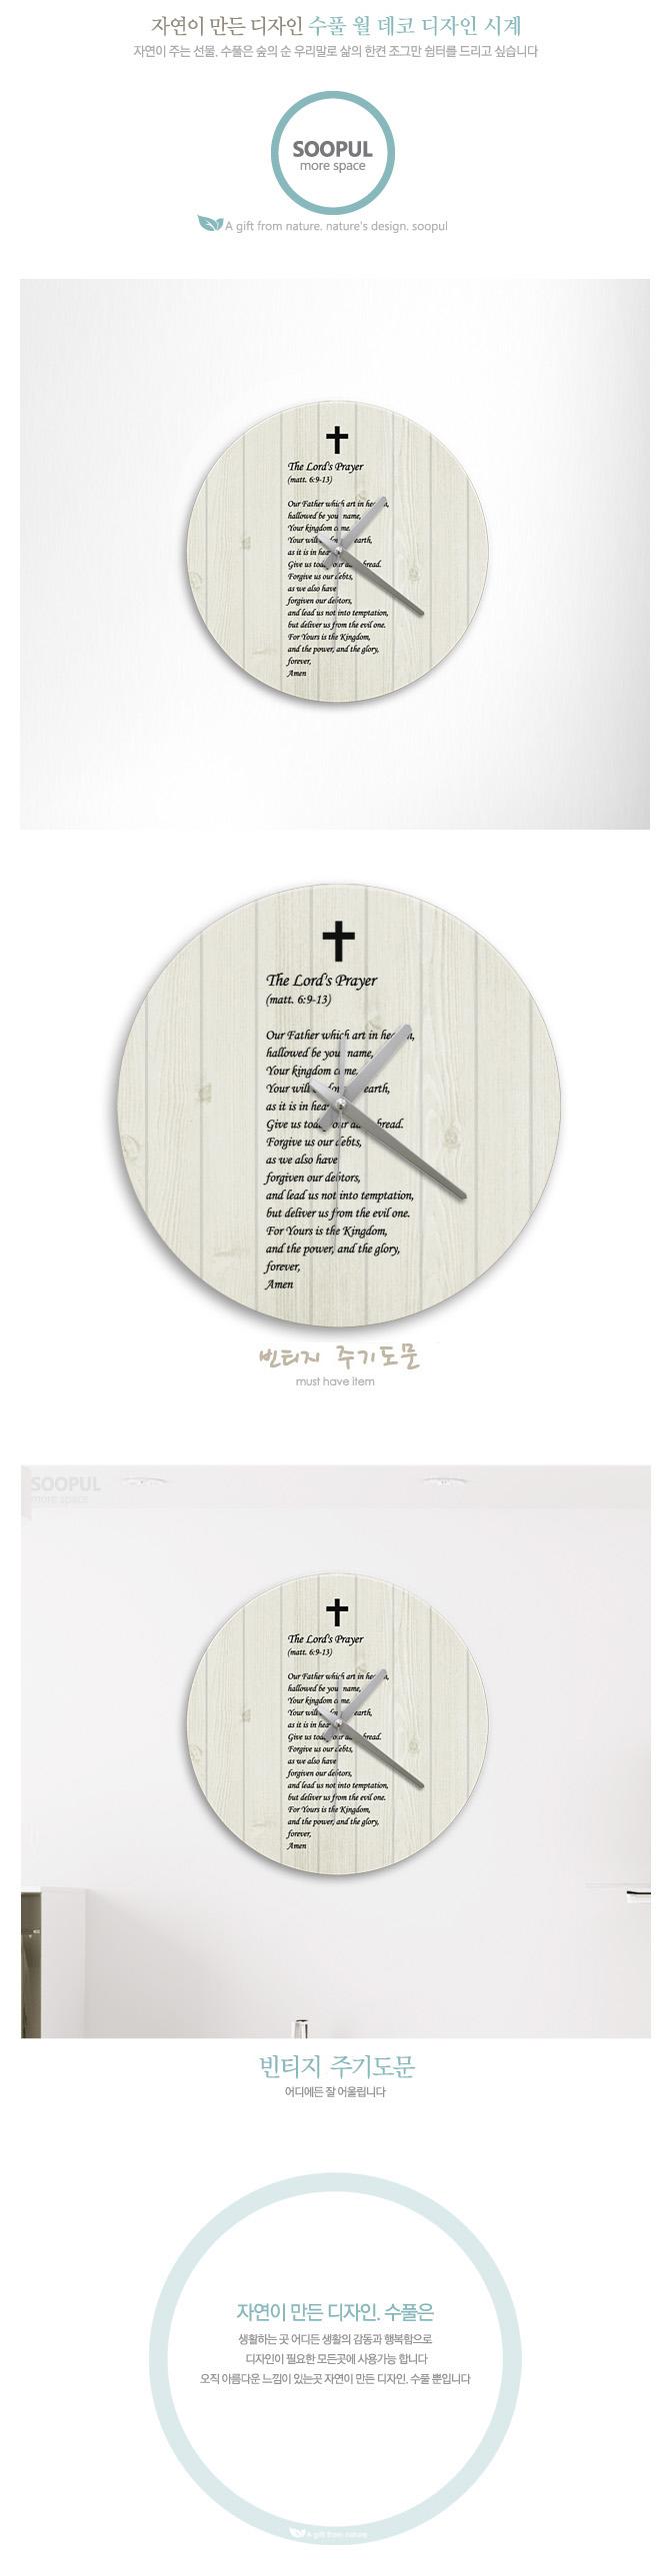 디자인 시계 빈티지 주기도문 - 수풀, 36,400원, 벽시계, 디자인벽시계